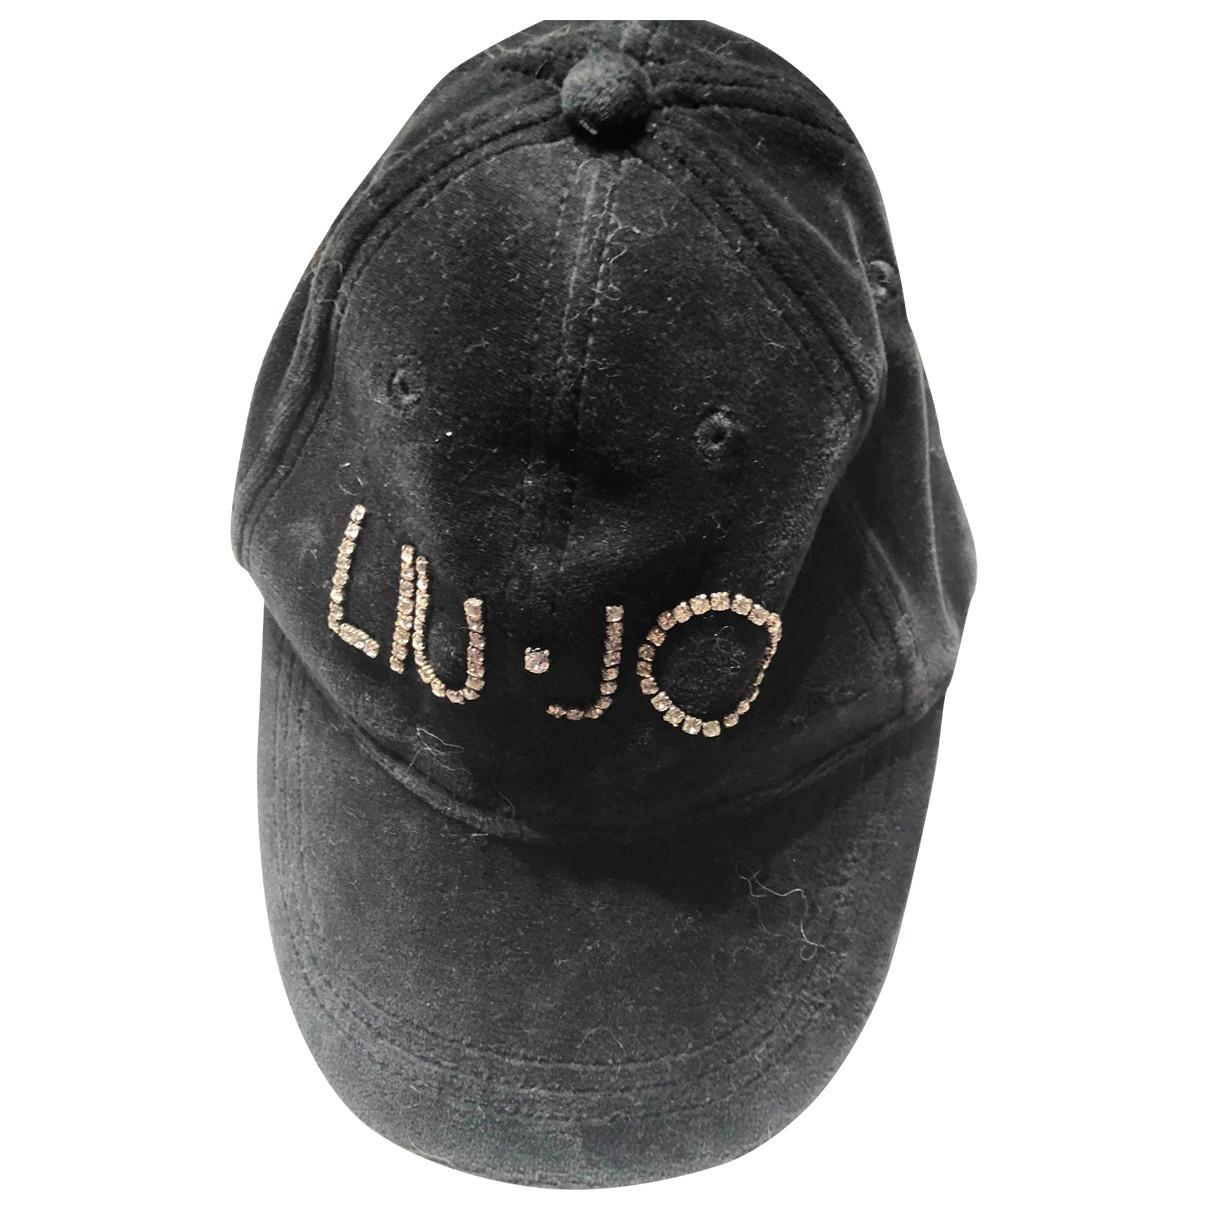 Liu.jo \N Black Cotton hat for Women M International